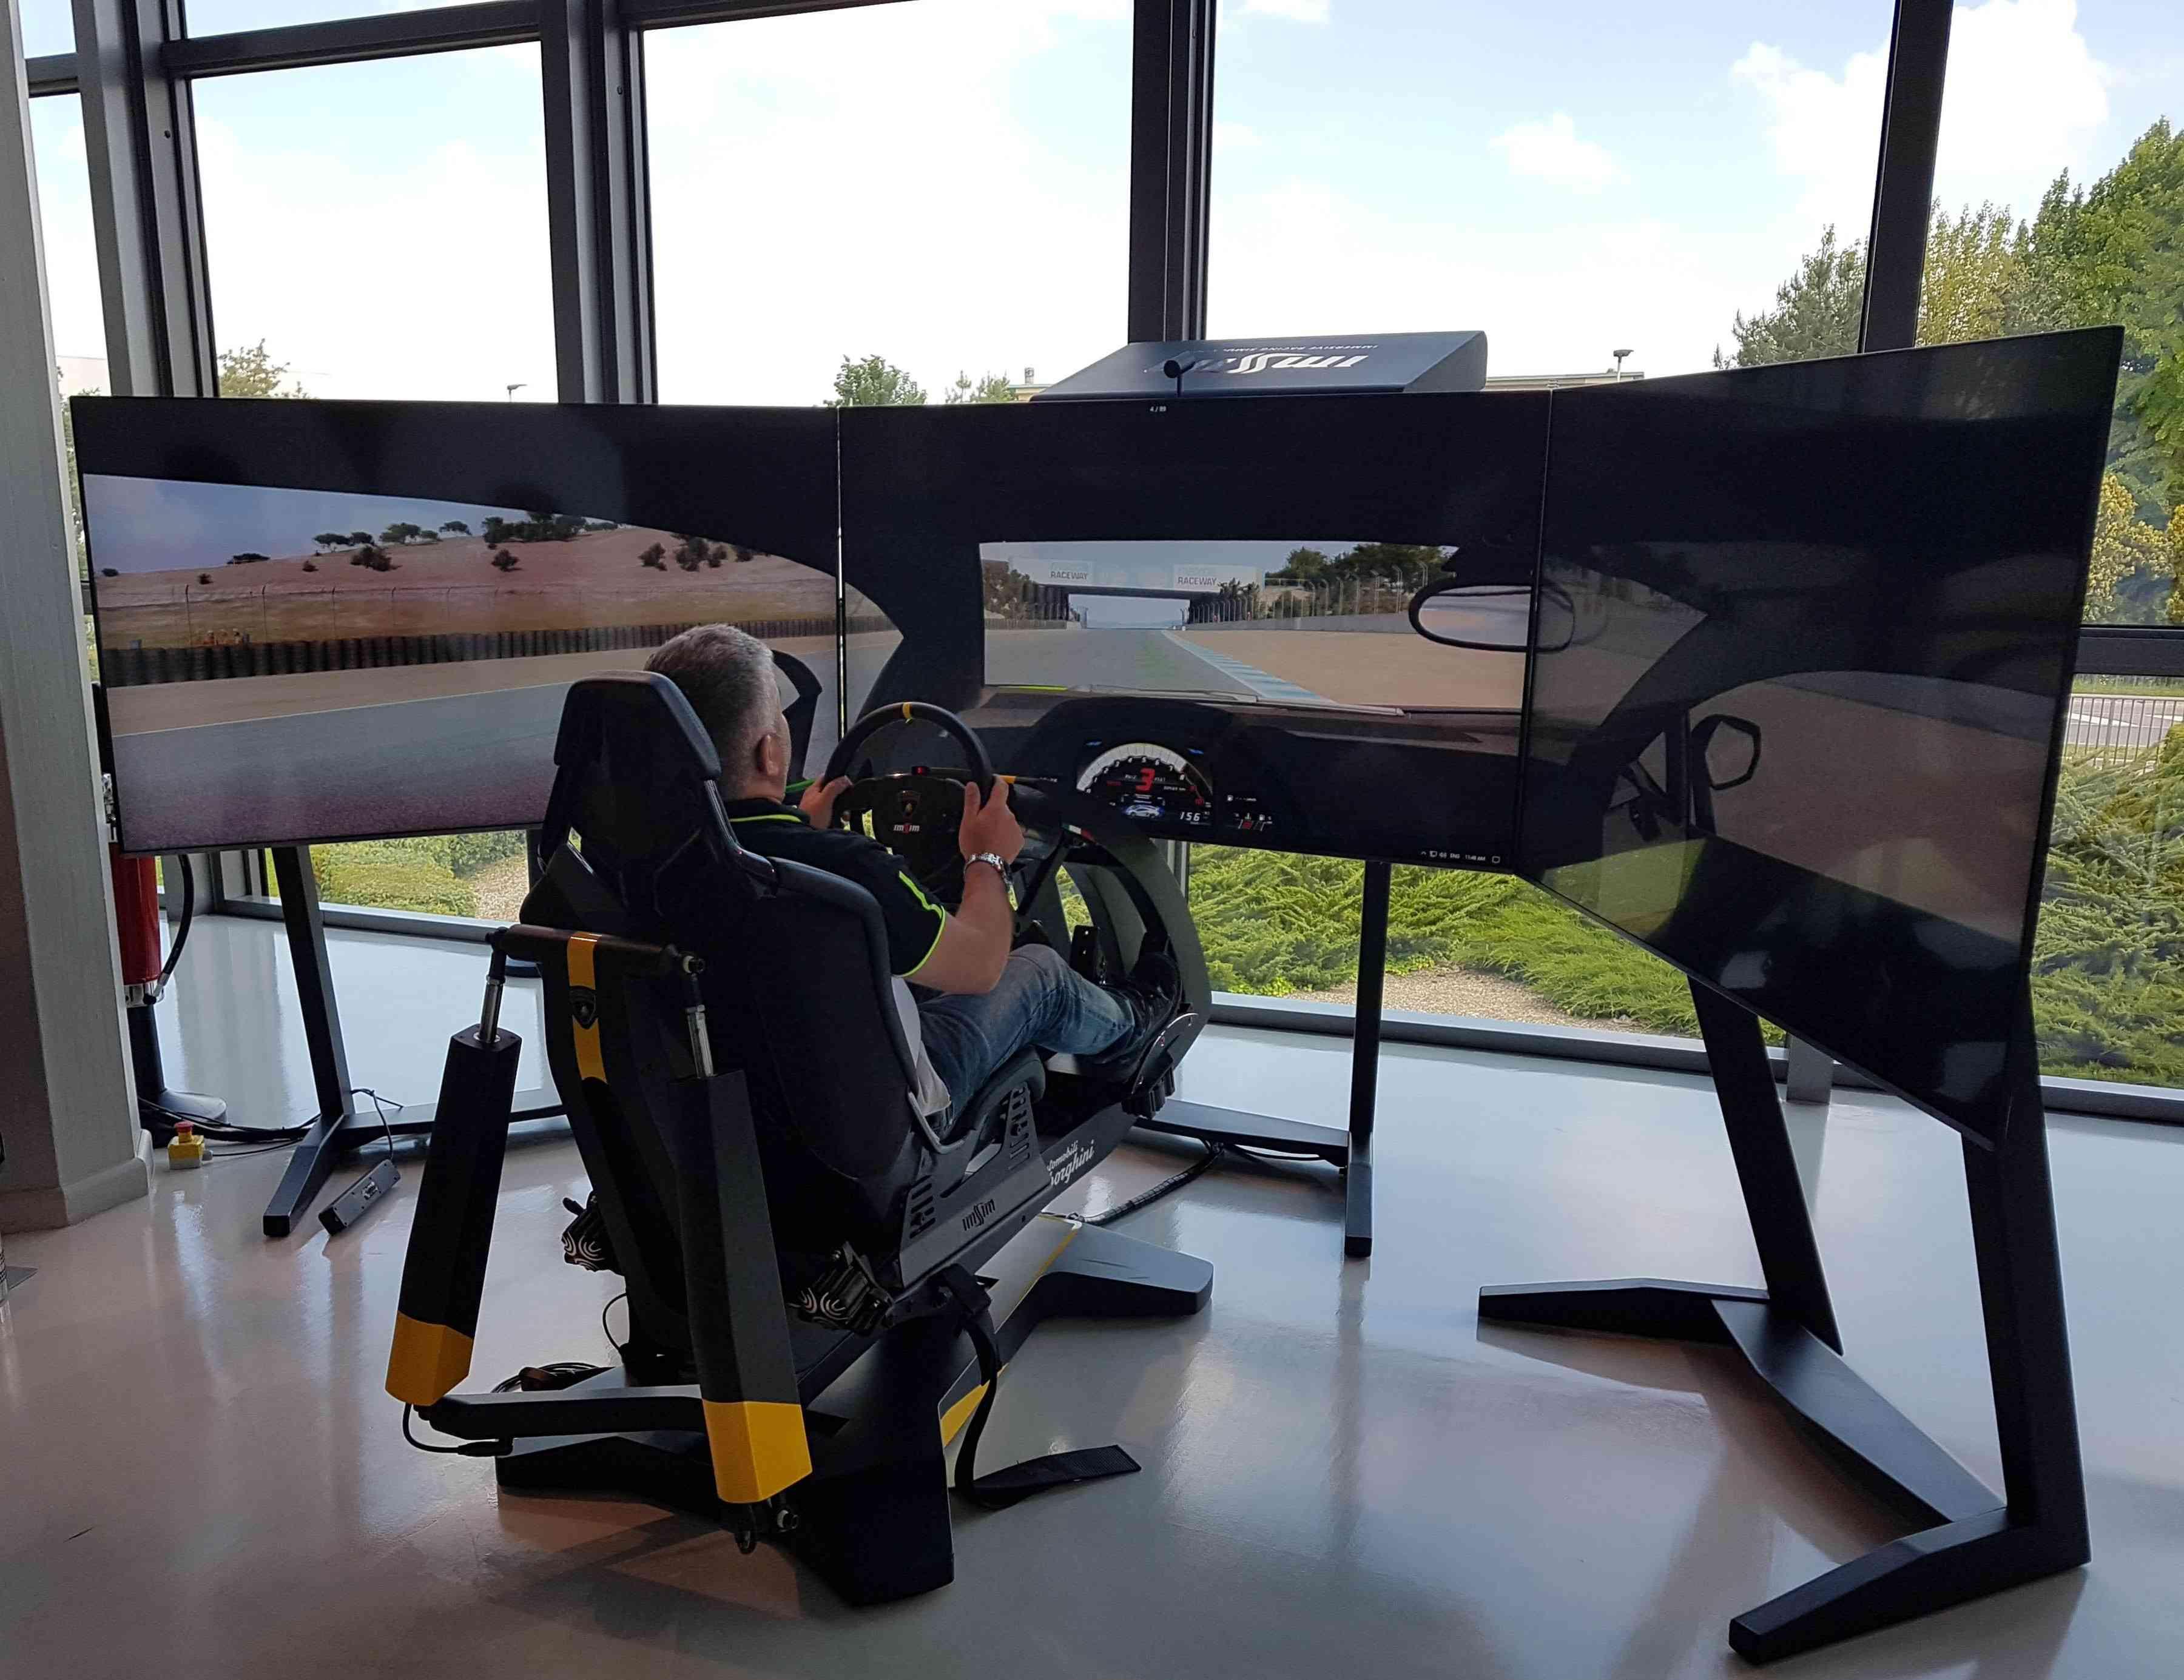 Lamborghini simulator